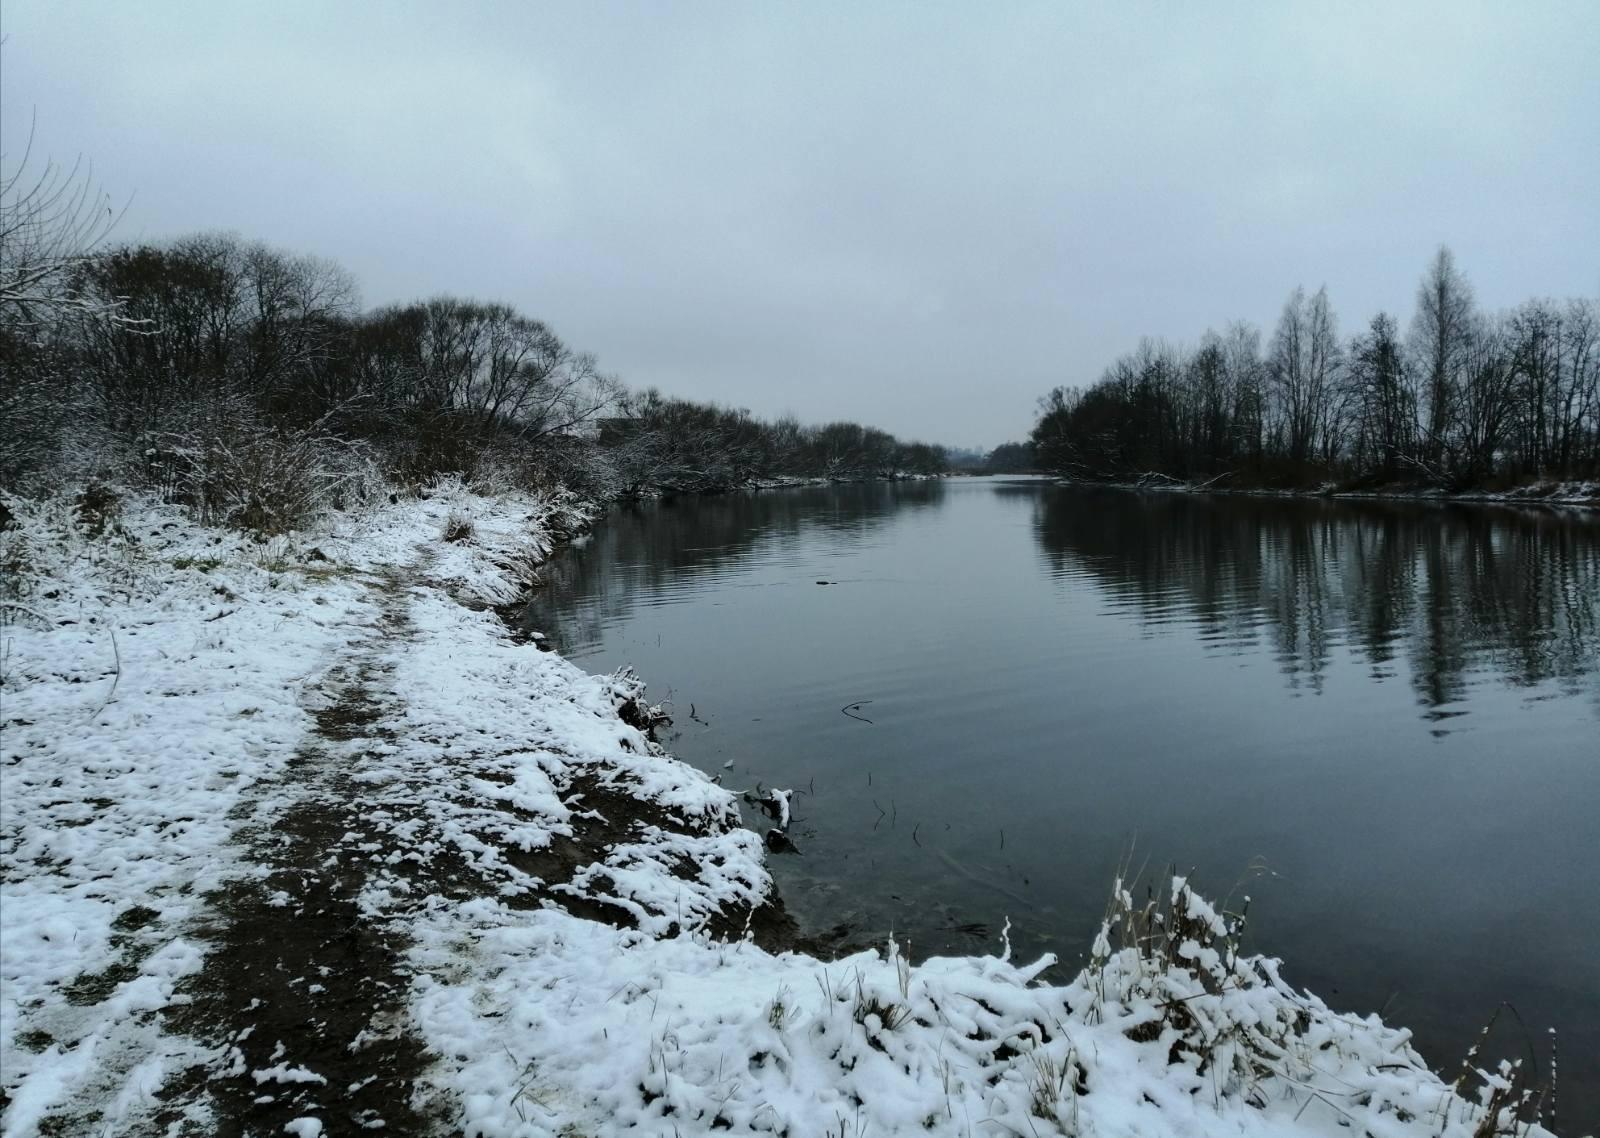 Ну здравствуй, зима!Половил на зимней речке сегодня. Махом ...   Отчеты о рыбалке в Беларуси